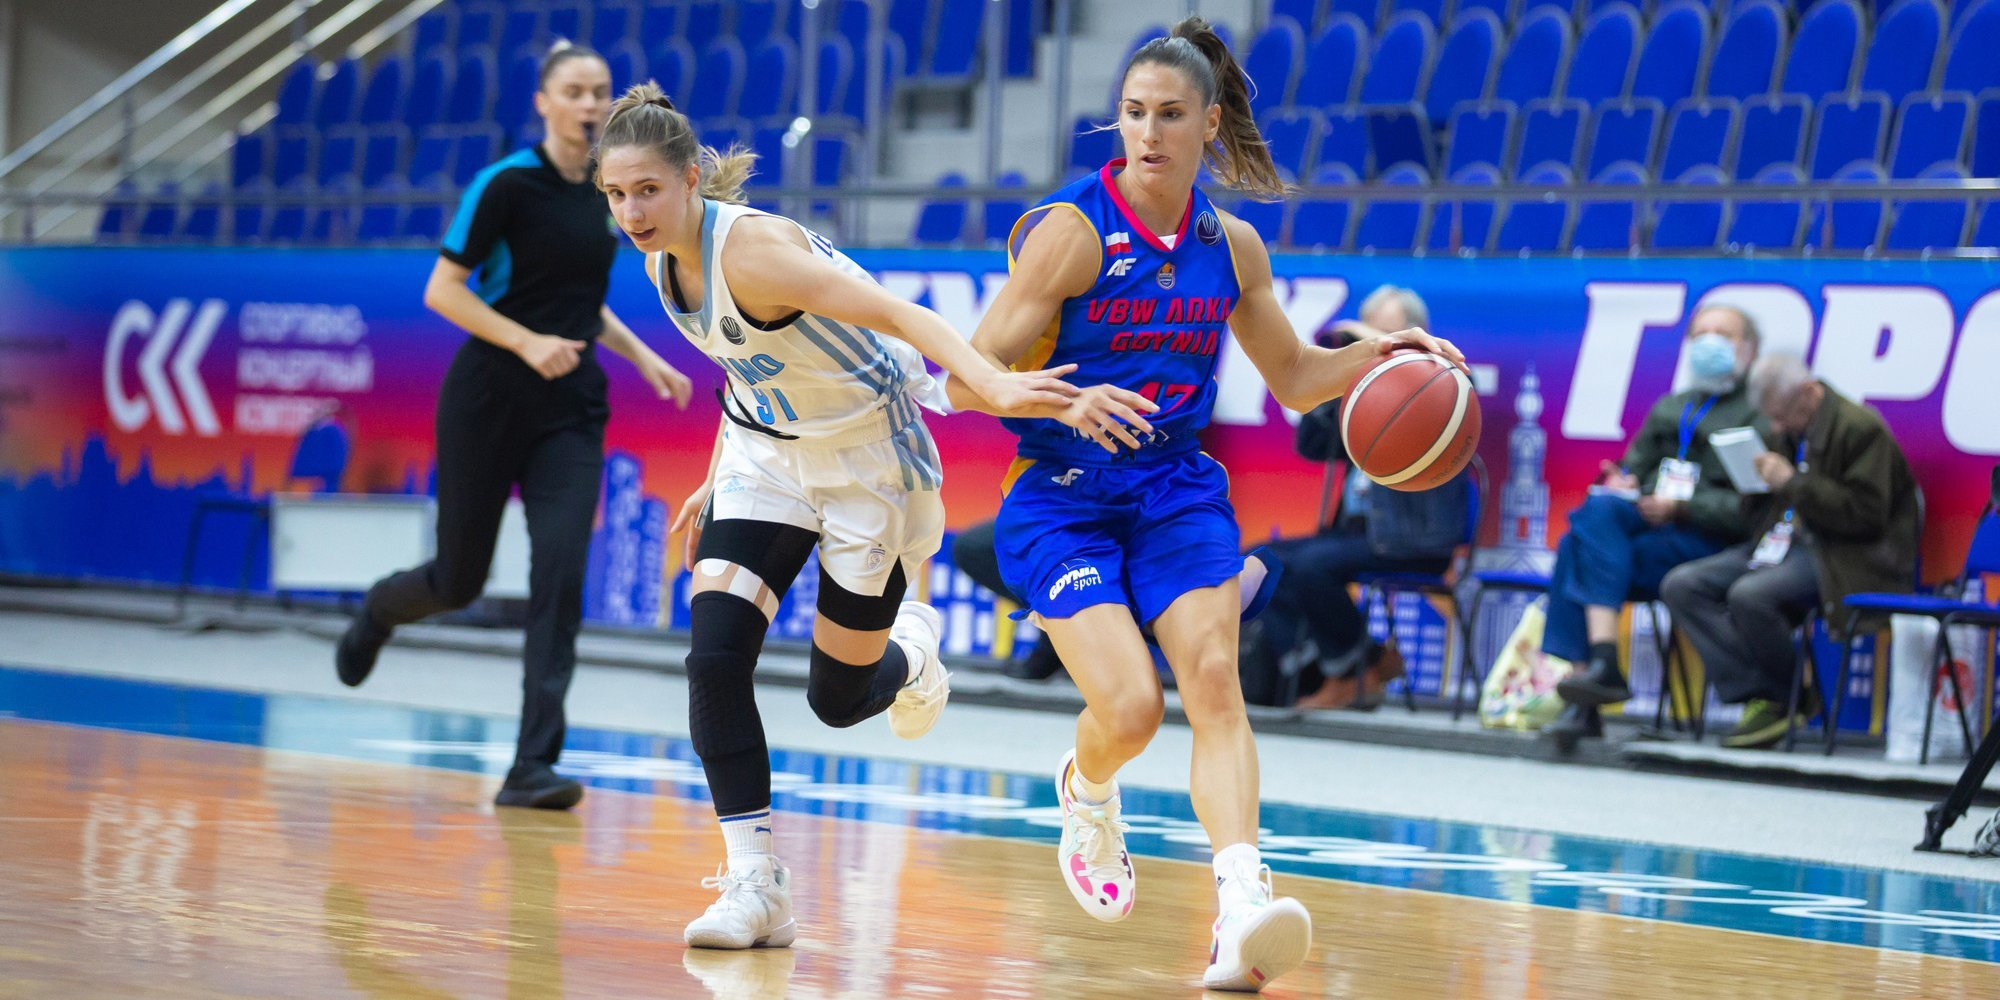 Баскетболистки курского «Динамо» стартовали в Евролиге с победы над польским клубом